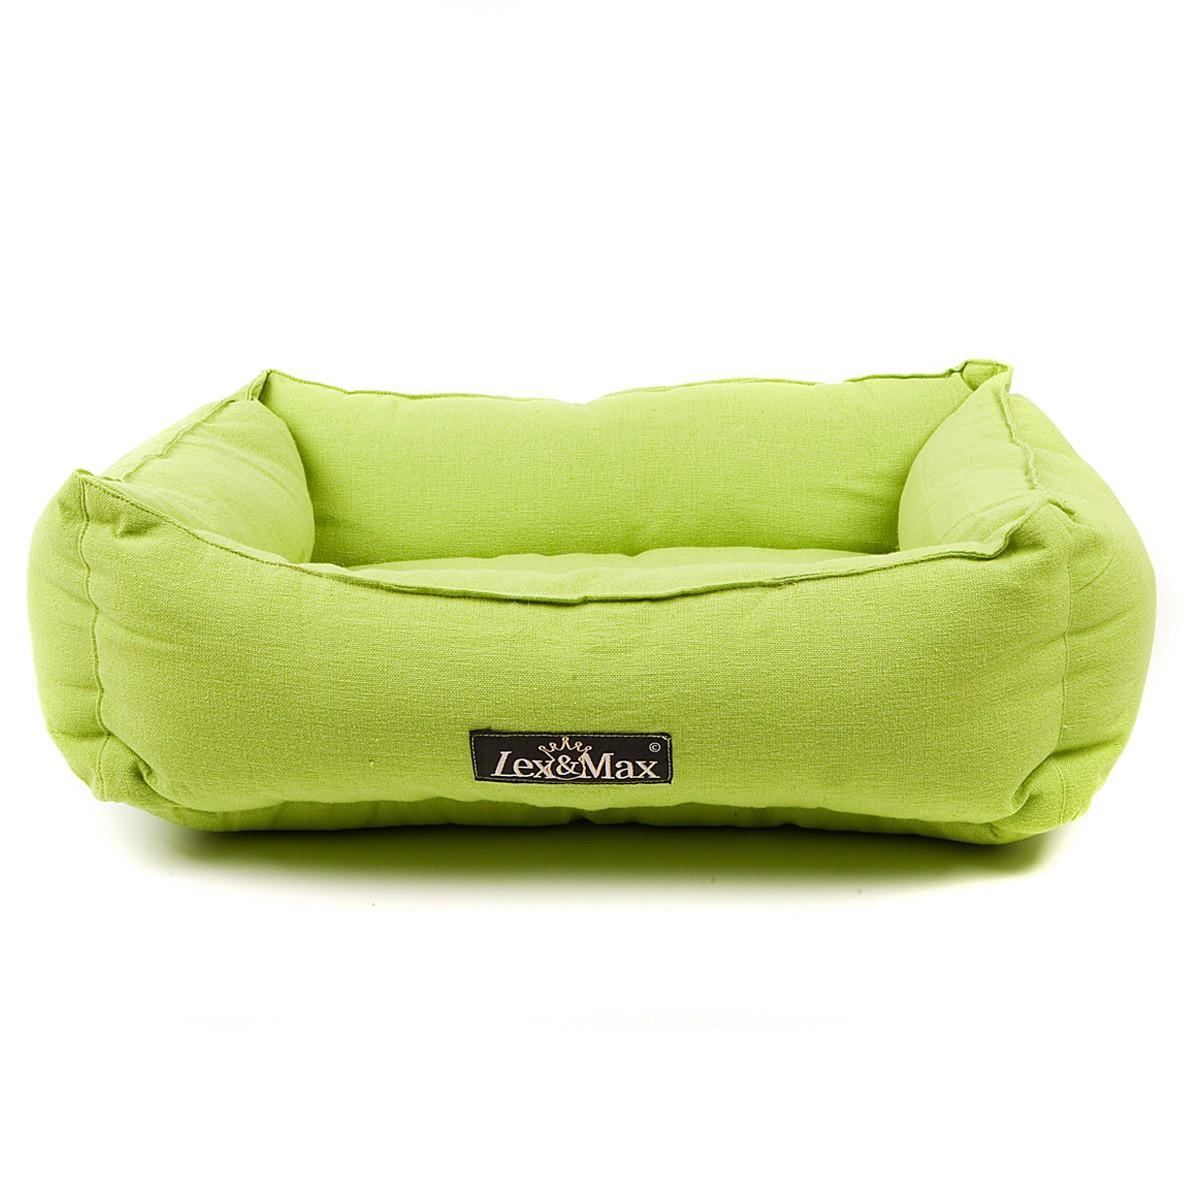 Lex & Max Luxusní pelíšek pro psa Lex & Max Tivoli 40 x 50 cm | zelený